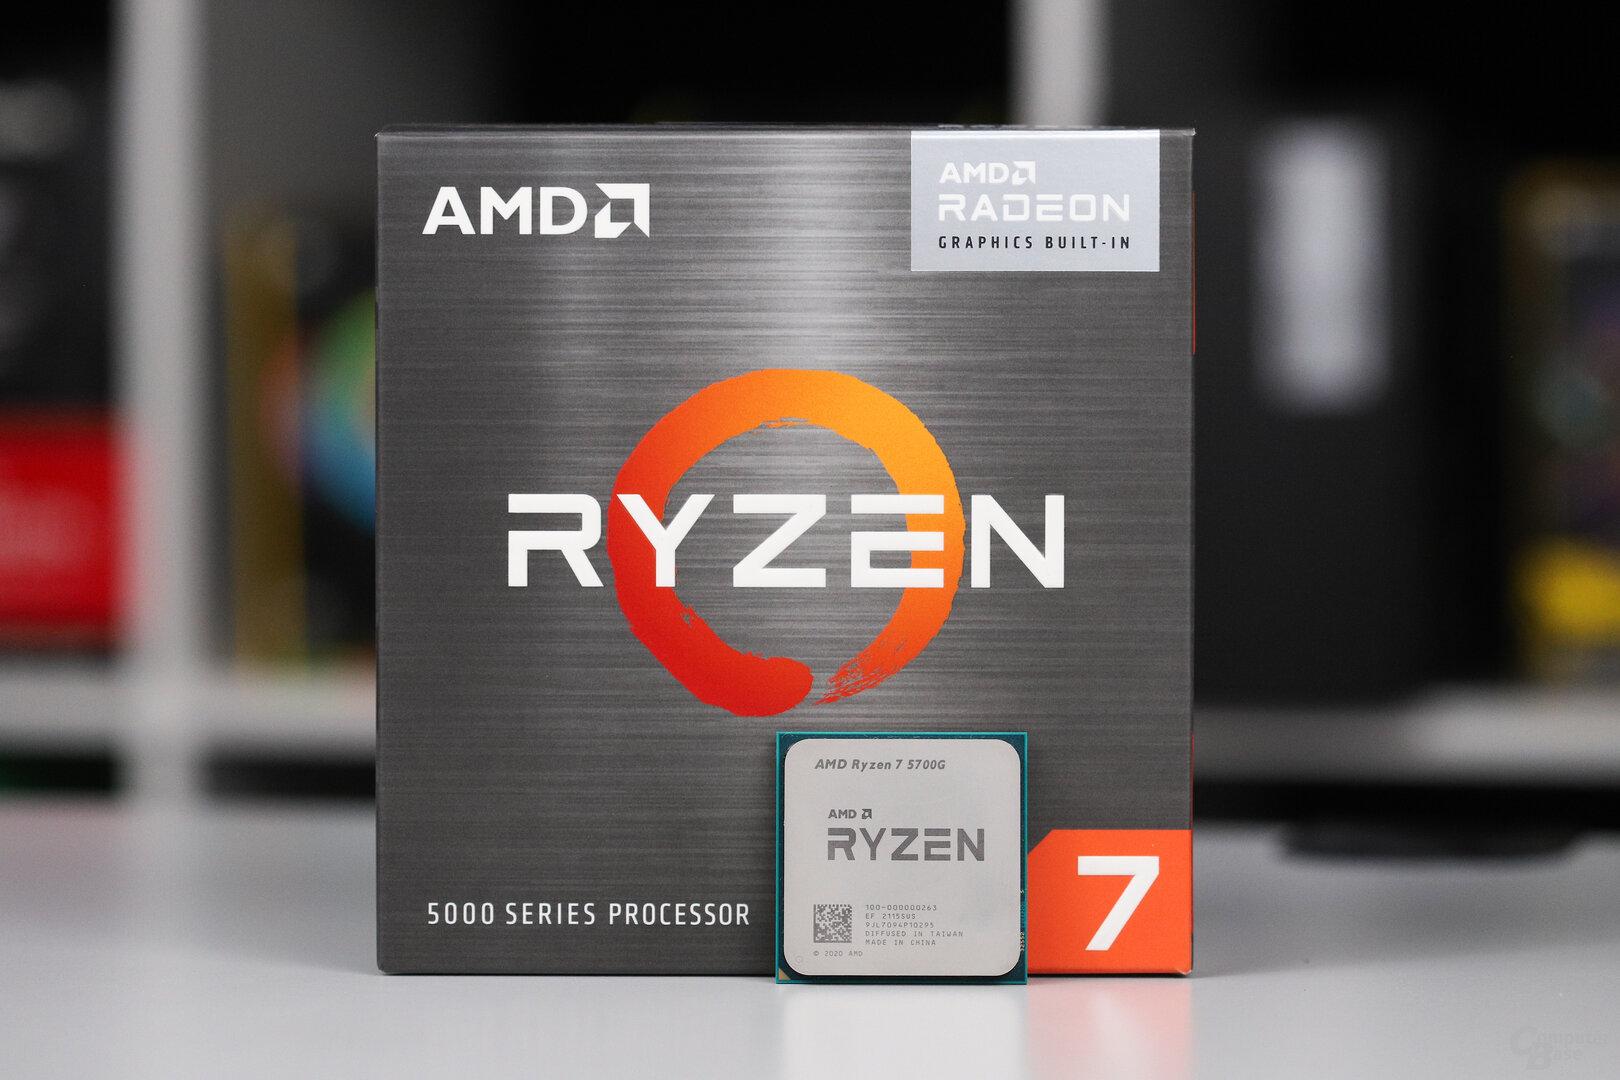 Procesor Ryzen 7 5700G